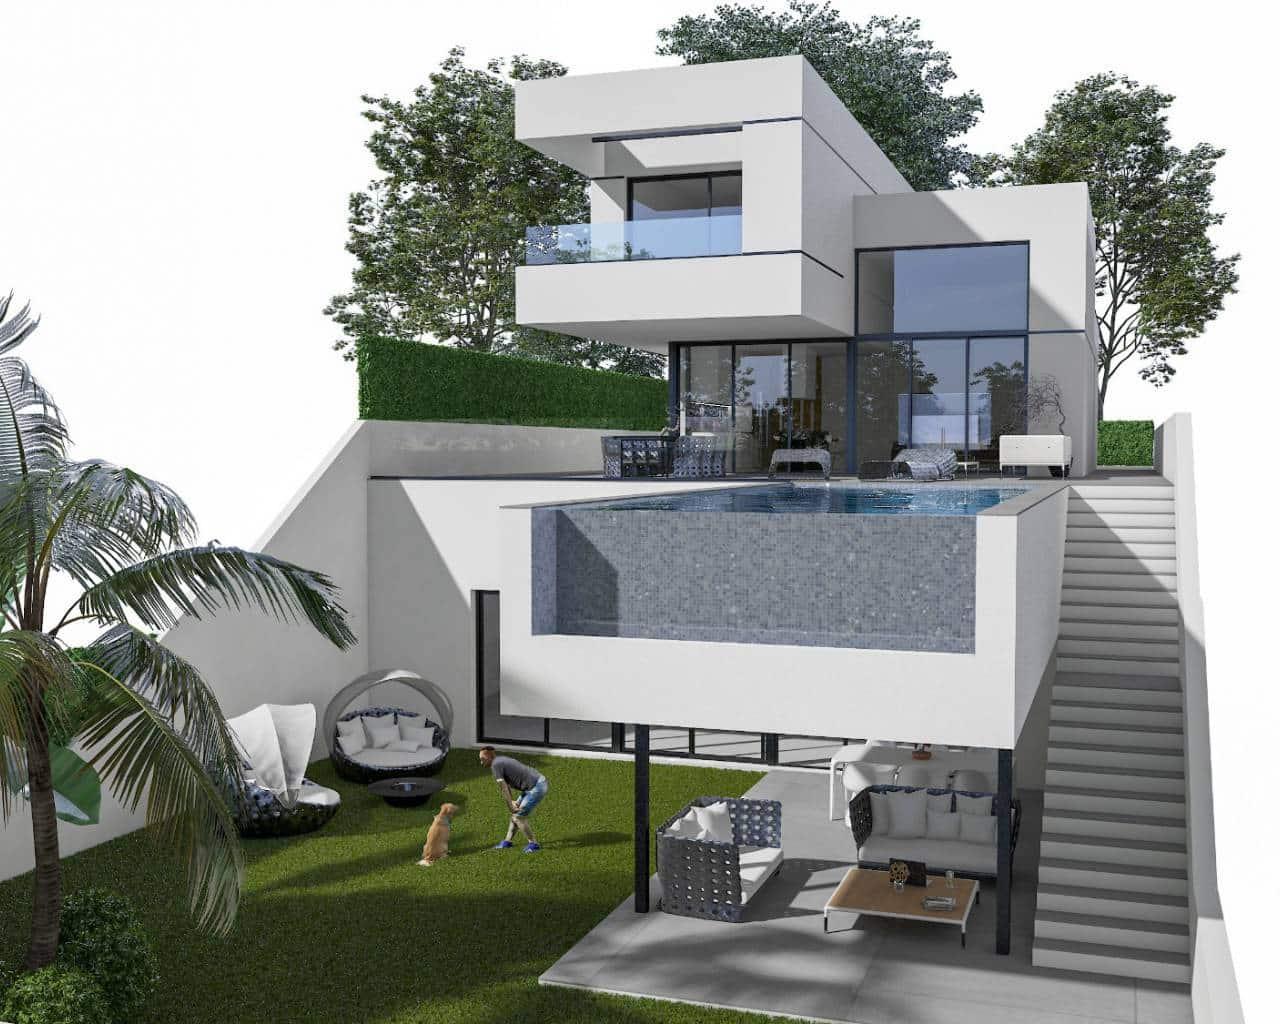 Chalet de 3 habitaciones en Polop en venta con piscina garaje - 555.000 € (Ref: 4660673)